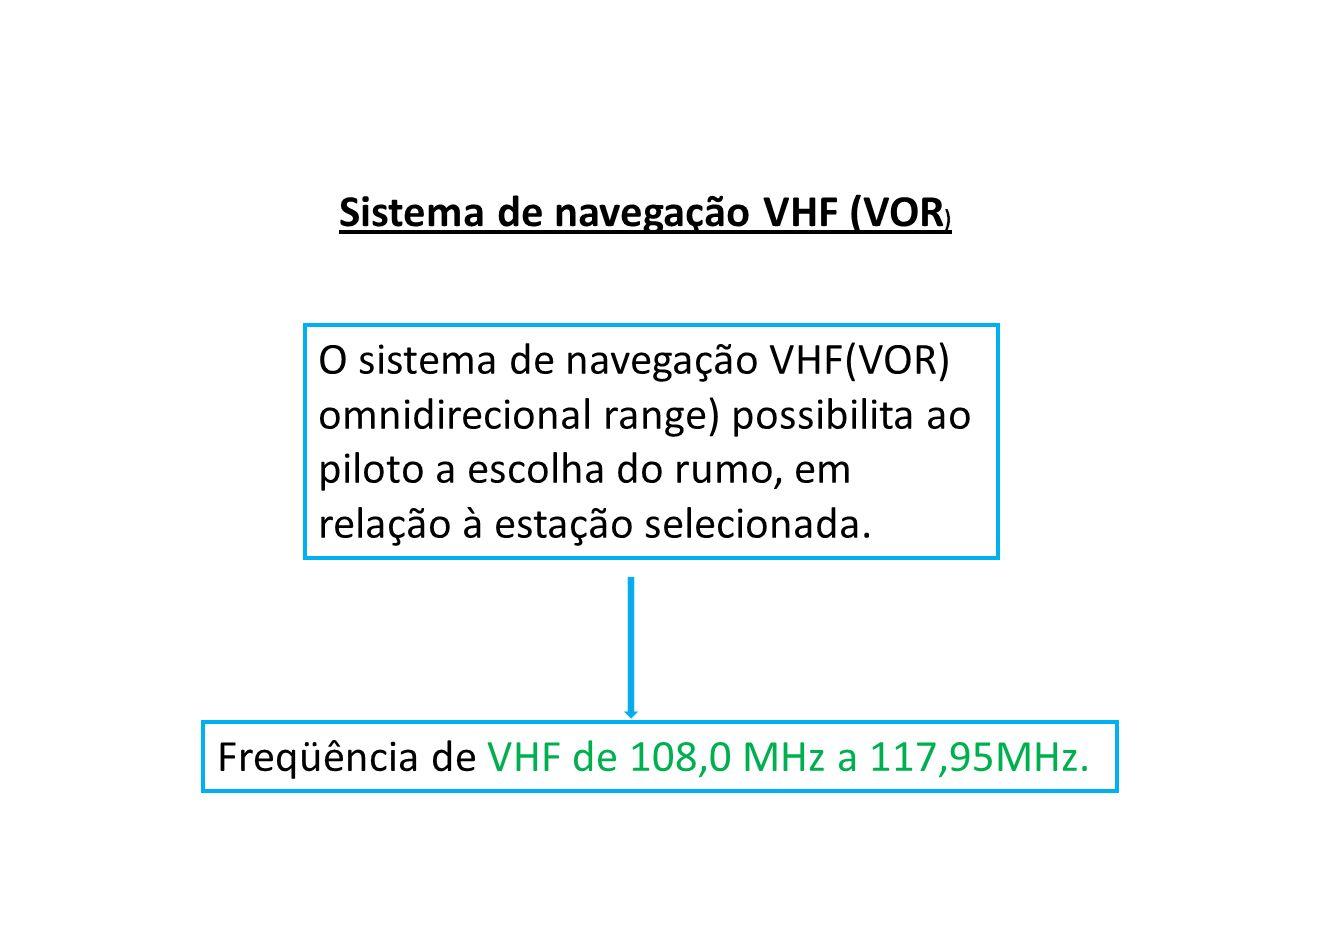 Sistema de navegação VHF (VOR)